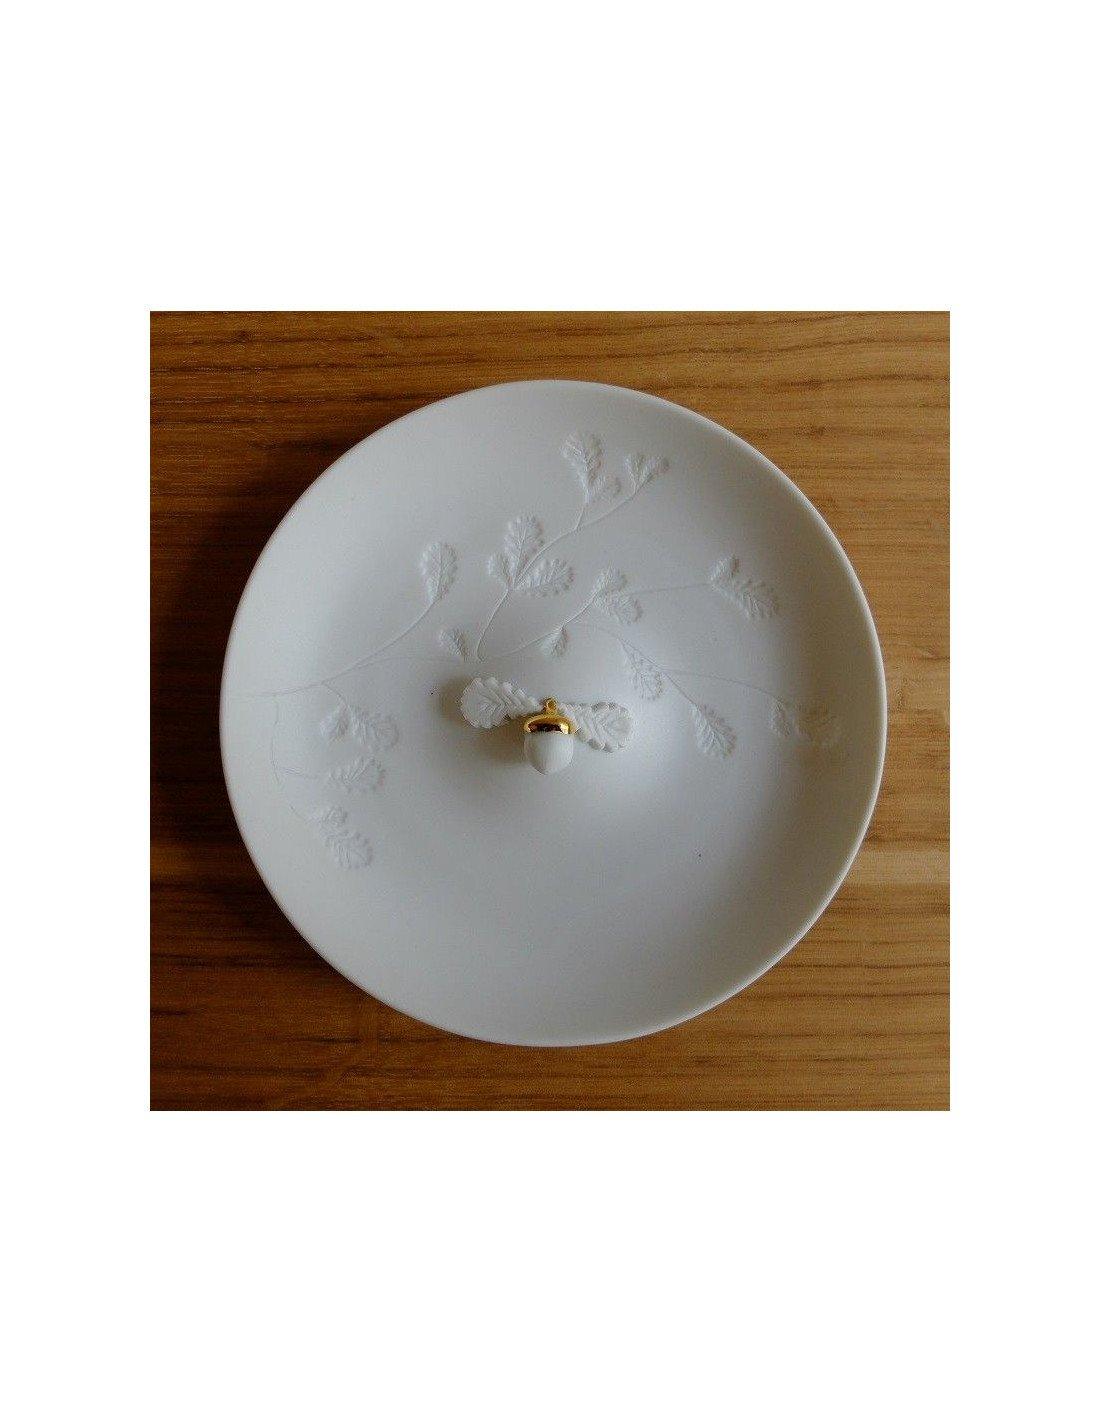 r der design assiette en porcelaine blanche avec un. Black Bedroom Furniture Sets. Home Design Ideas